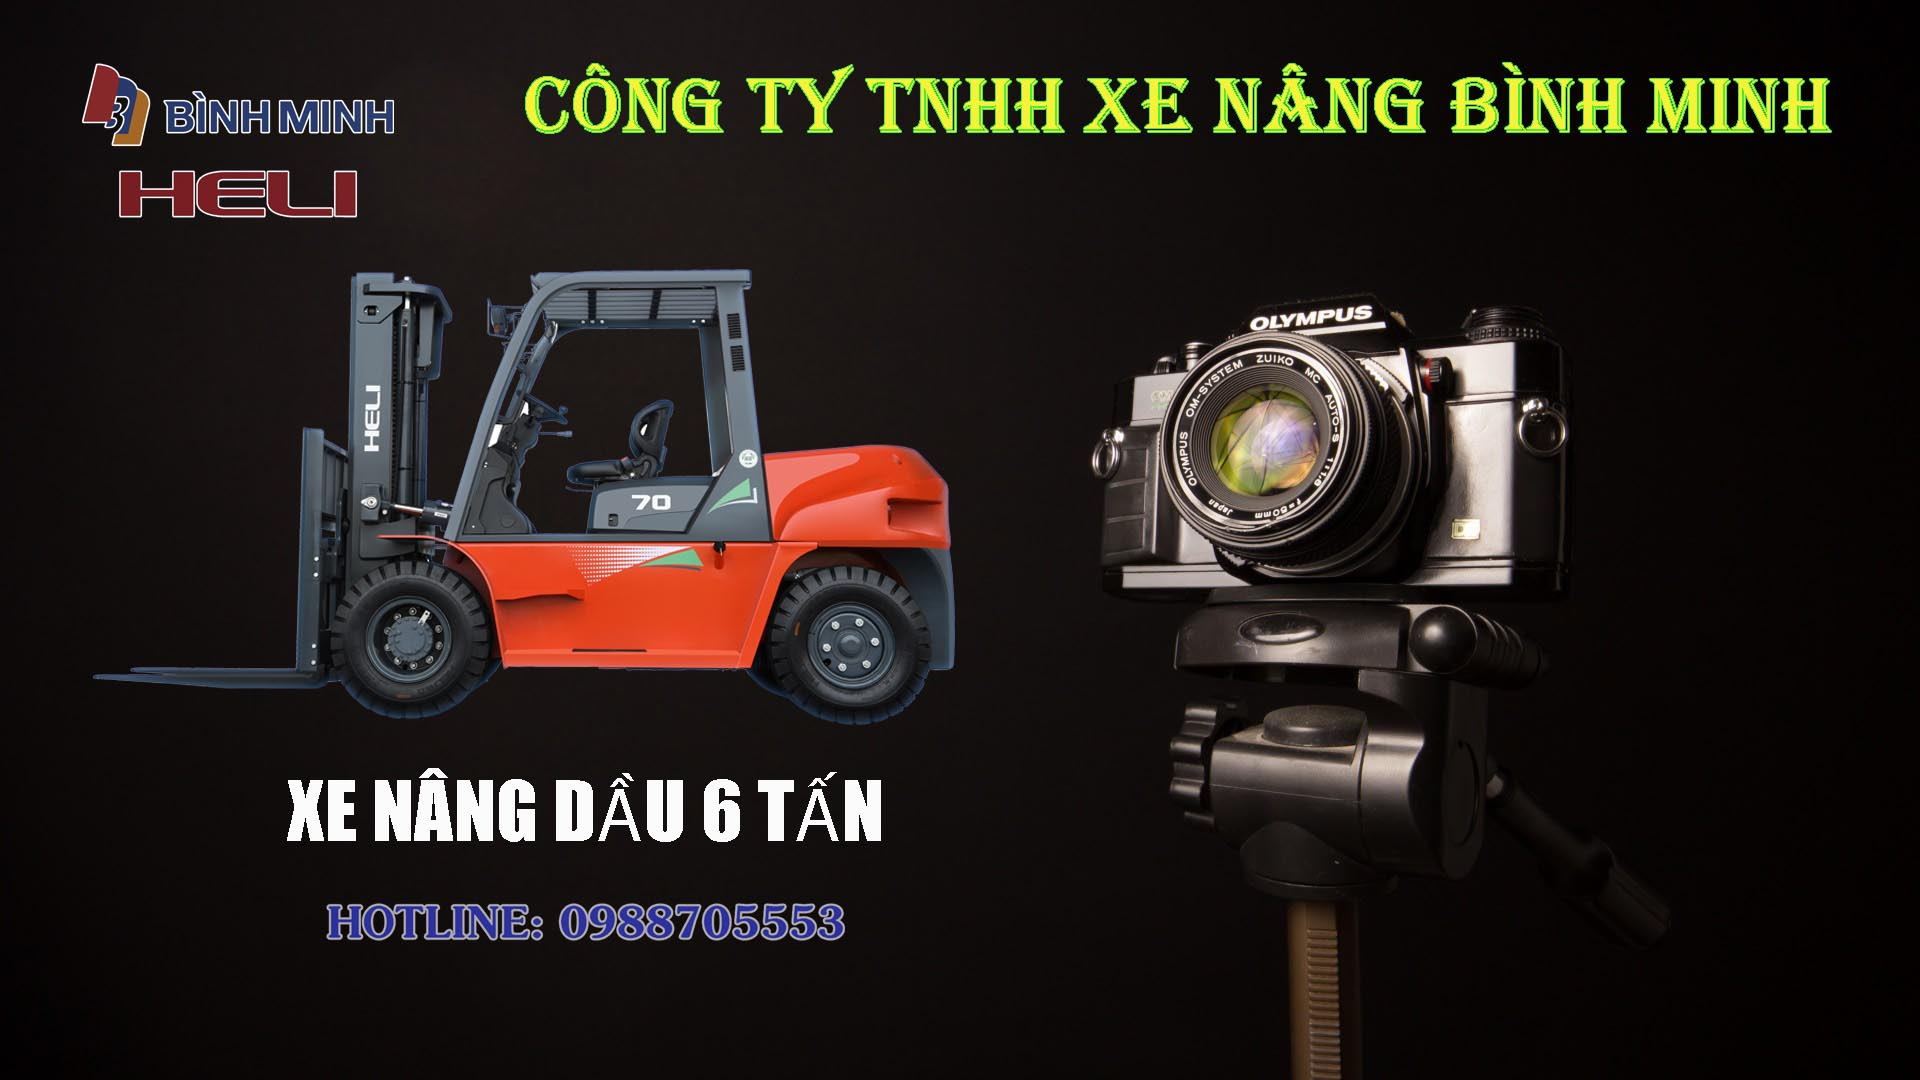 Xe nâng 6 tấn Heli tại Việt Nam